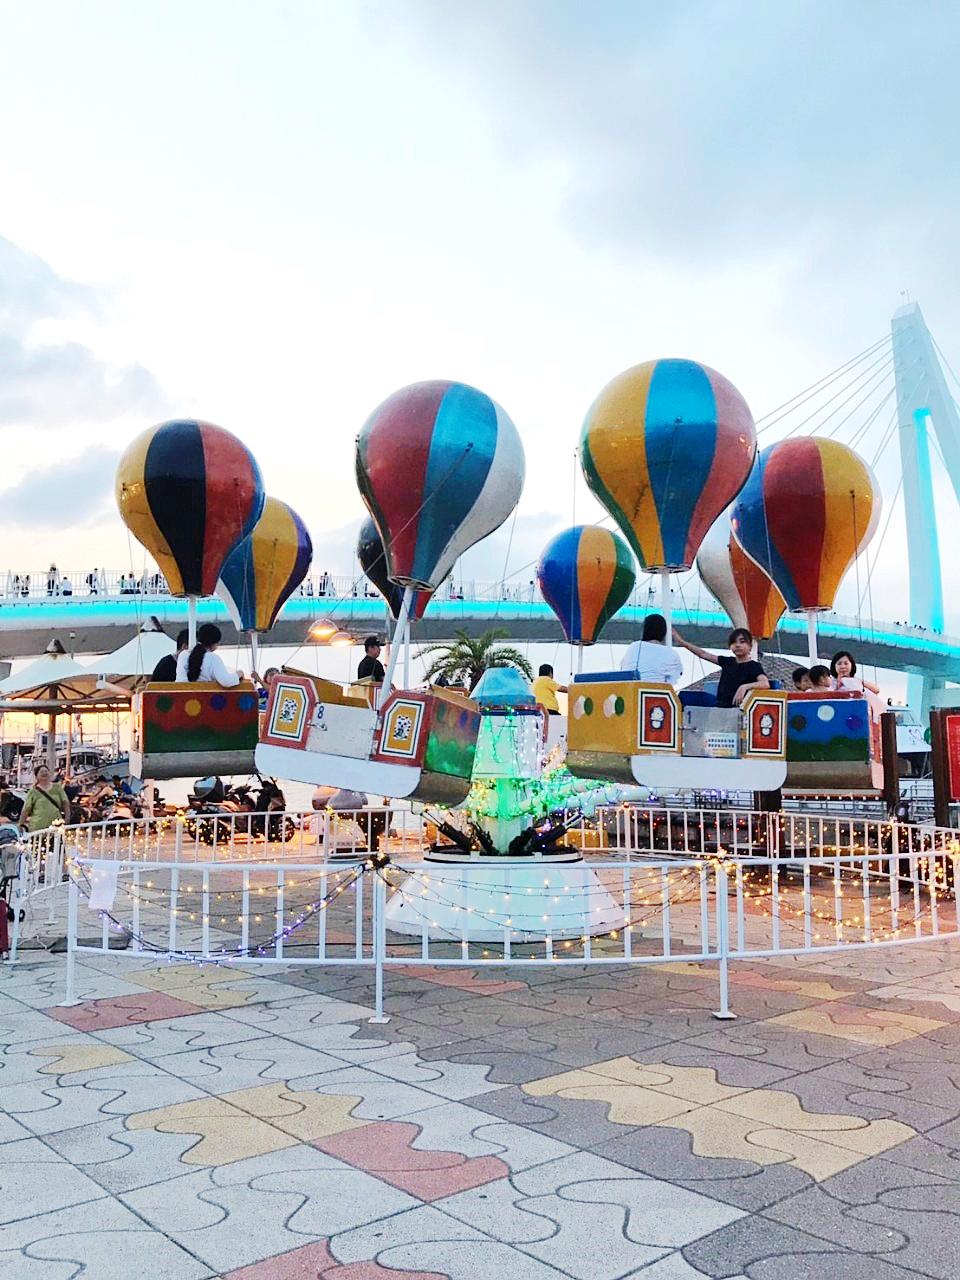 漁人碼頭深受民眾喜愛的熱氣球 (圖片來源:新北市政府)